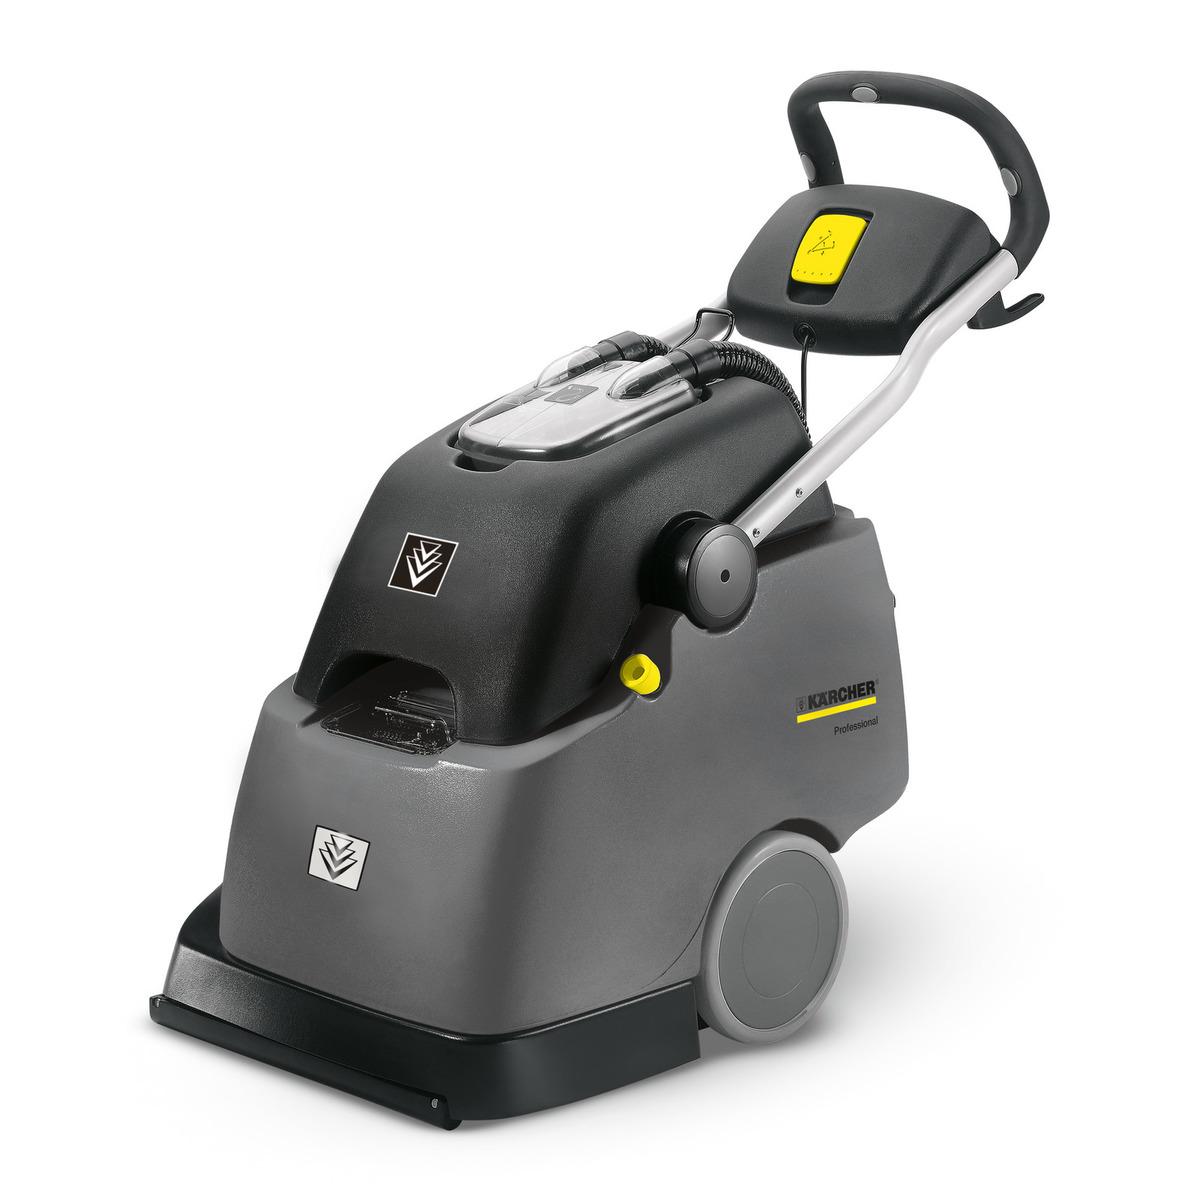 BRC 45/45 C Ep anthr地毯清洗机